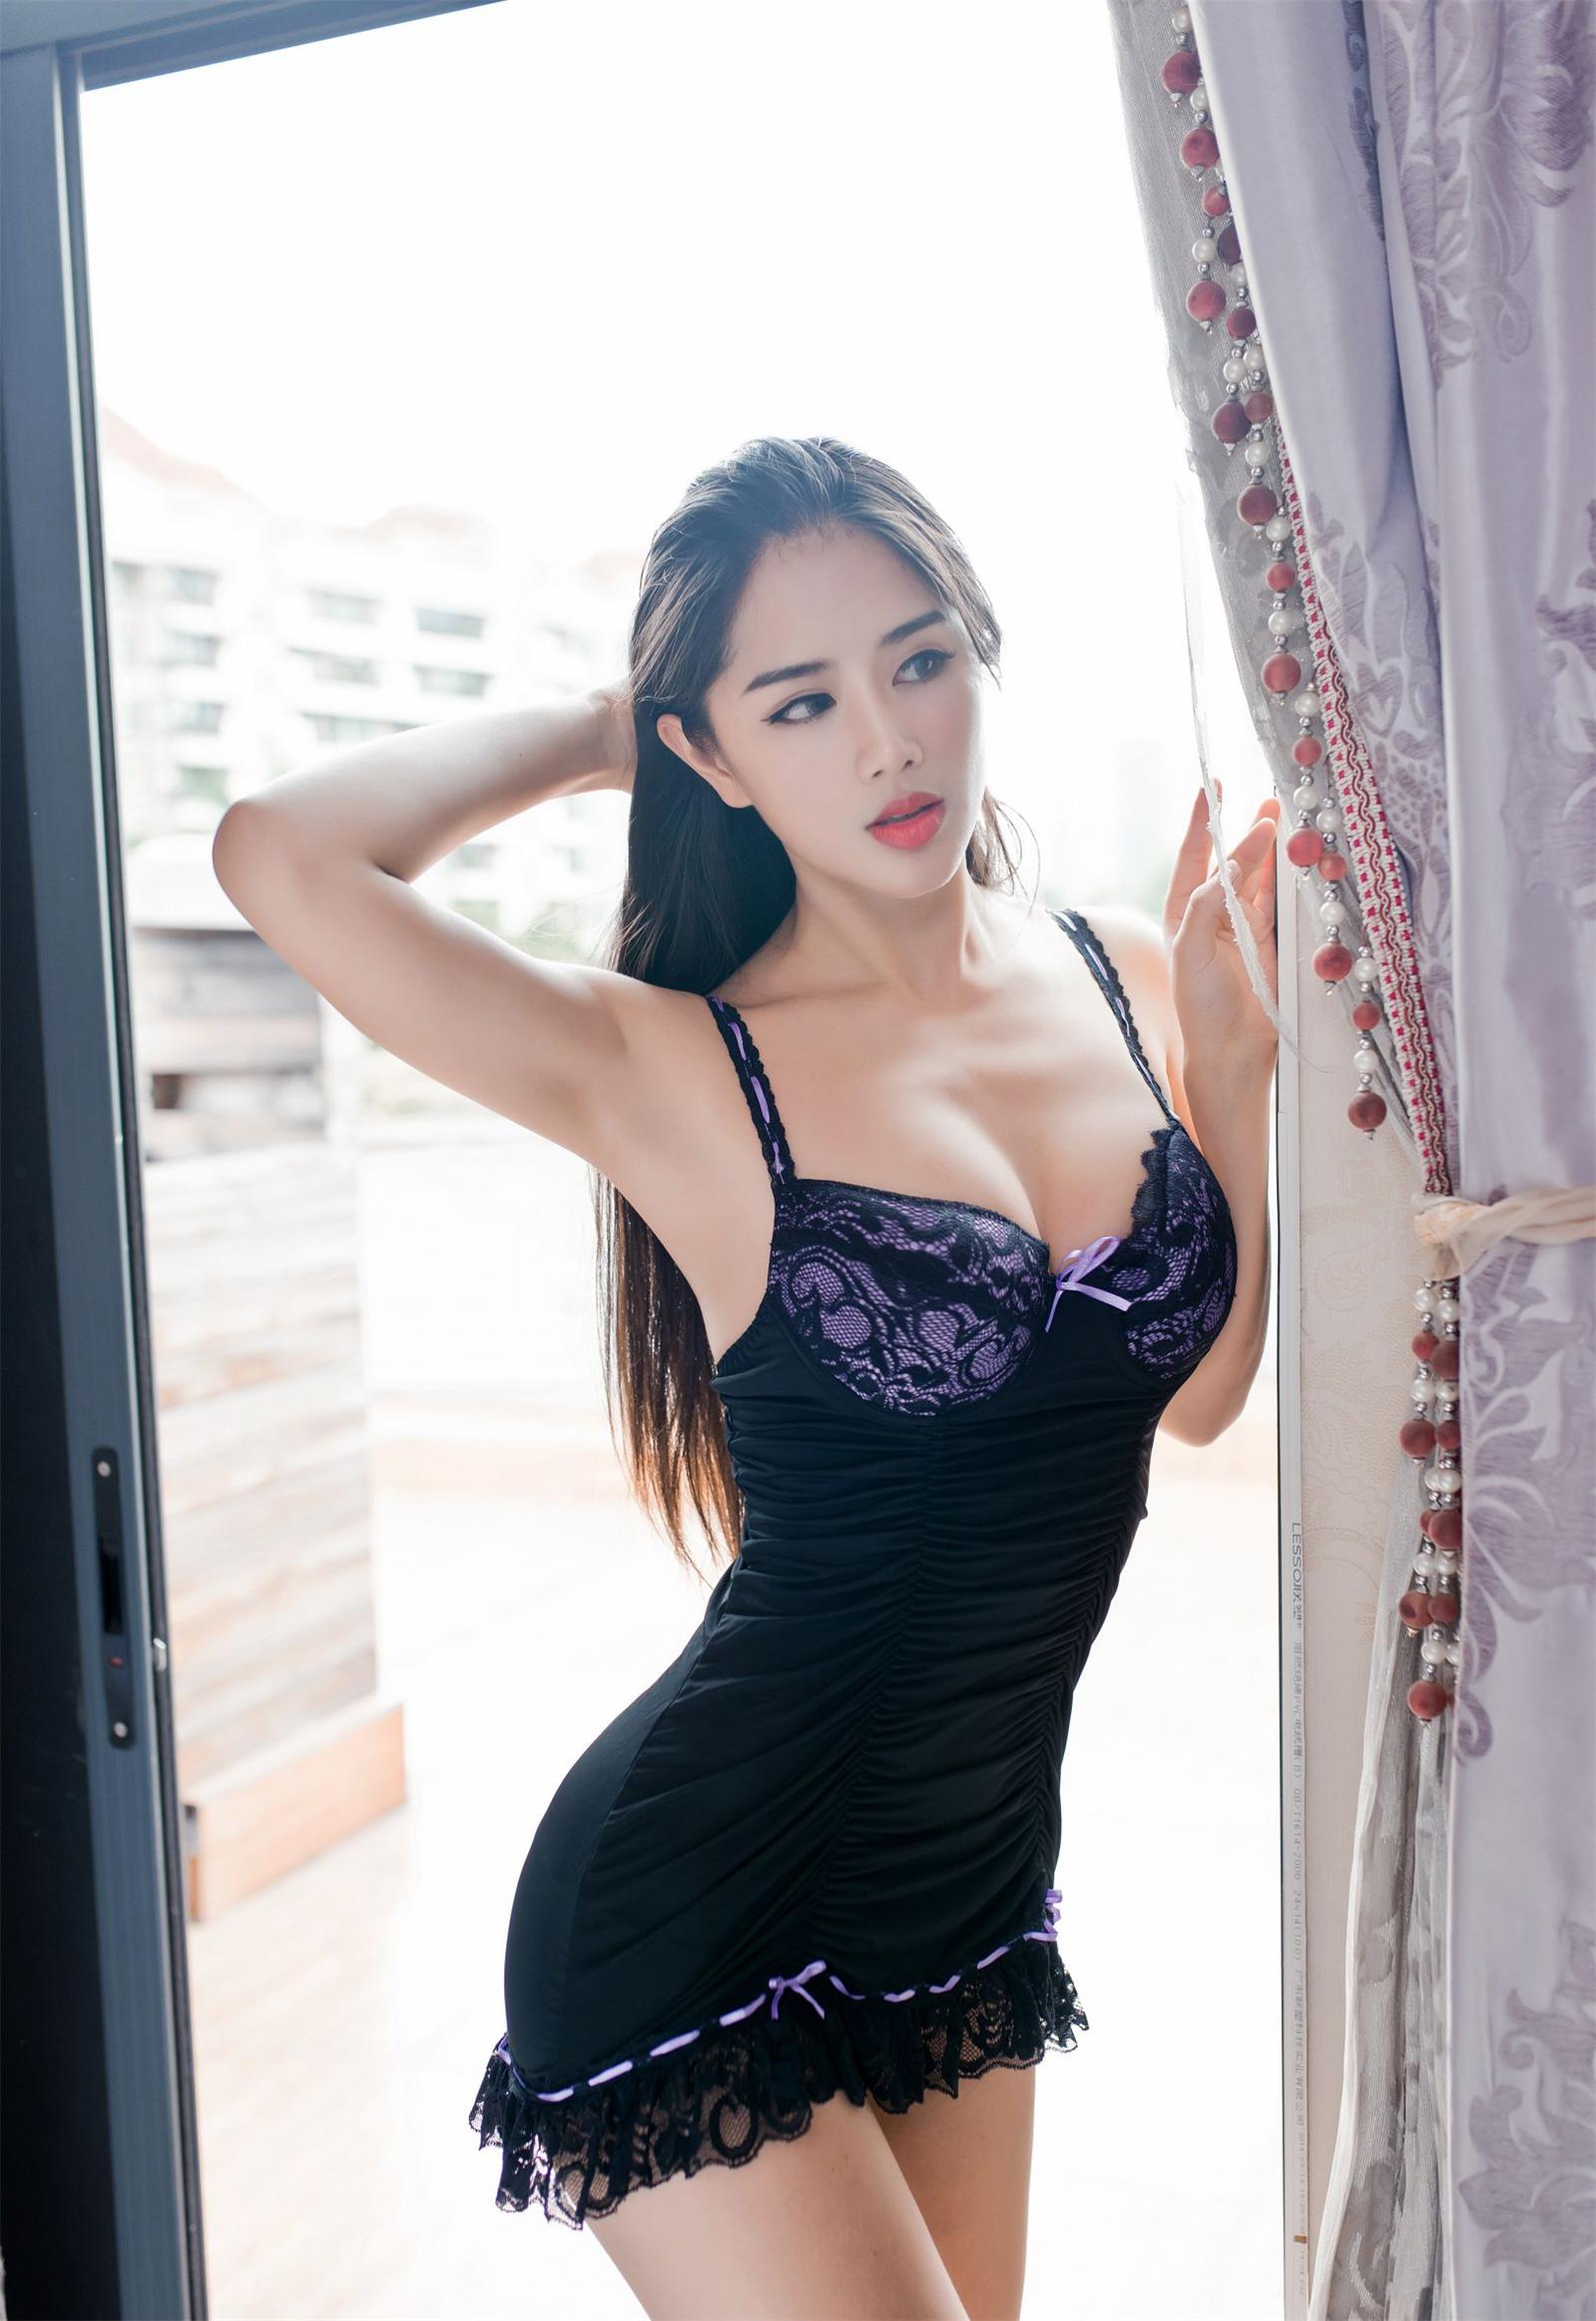 金鹰娱乐平台网址-安卓版下载 【ybvip4187.com】-华中华东-湖南省-株洲